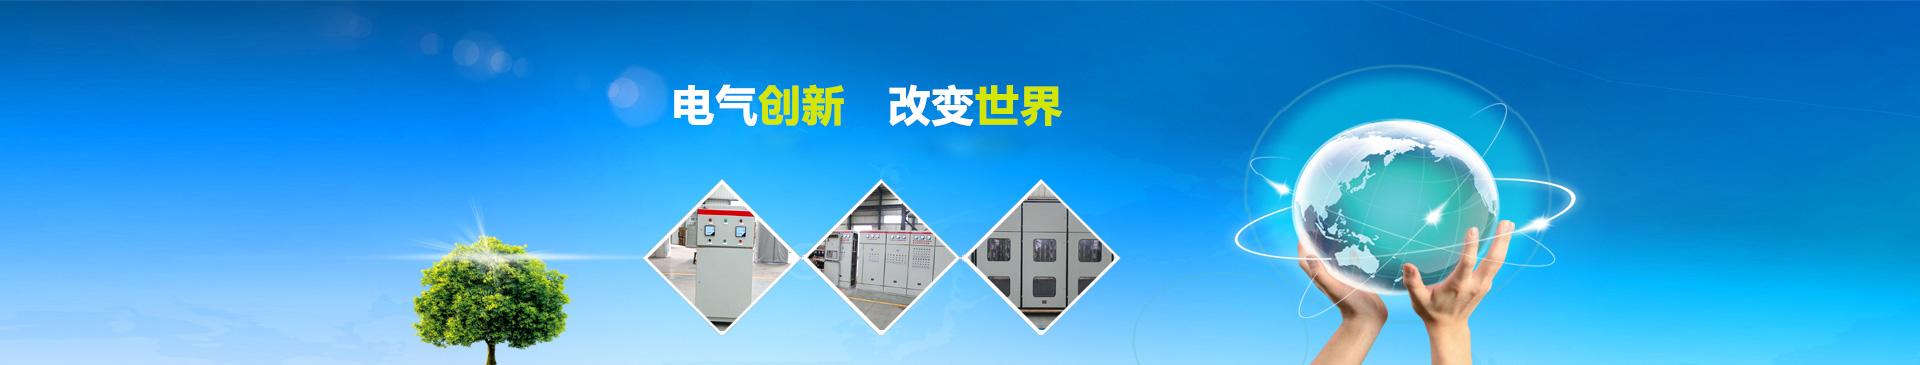 电气创新 改变世界